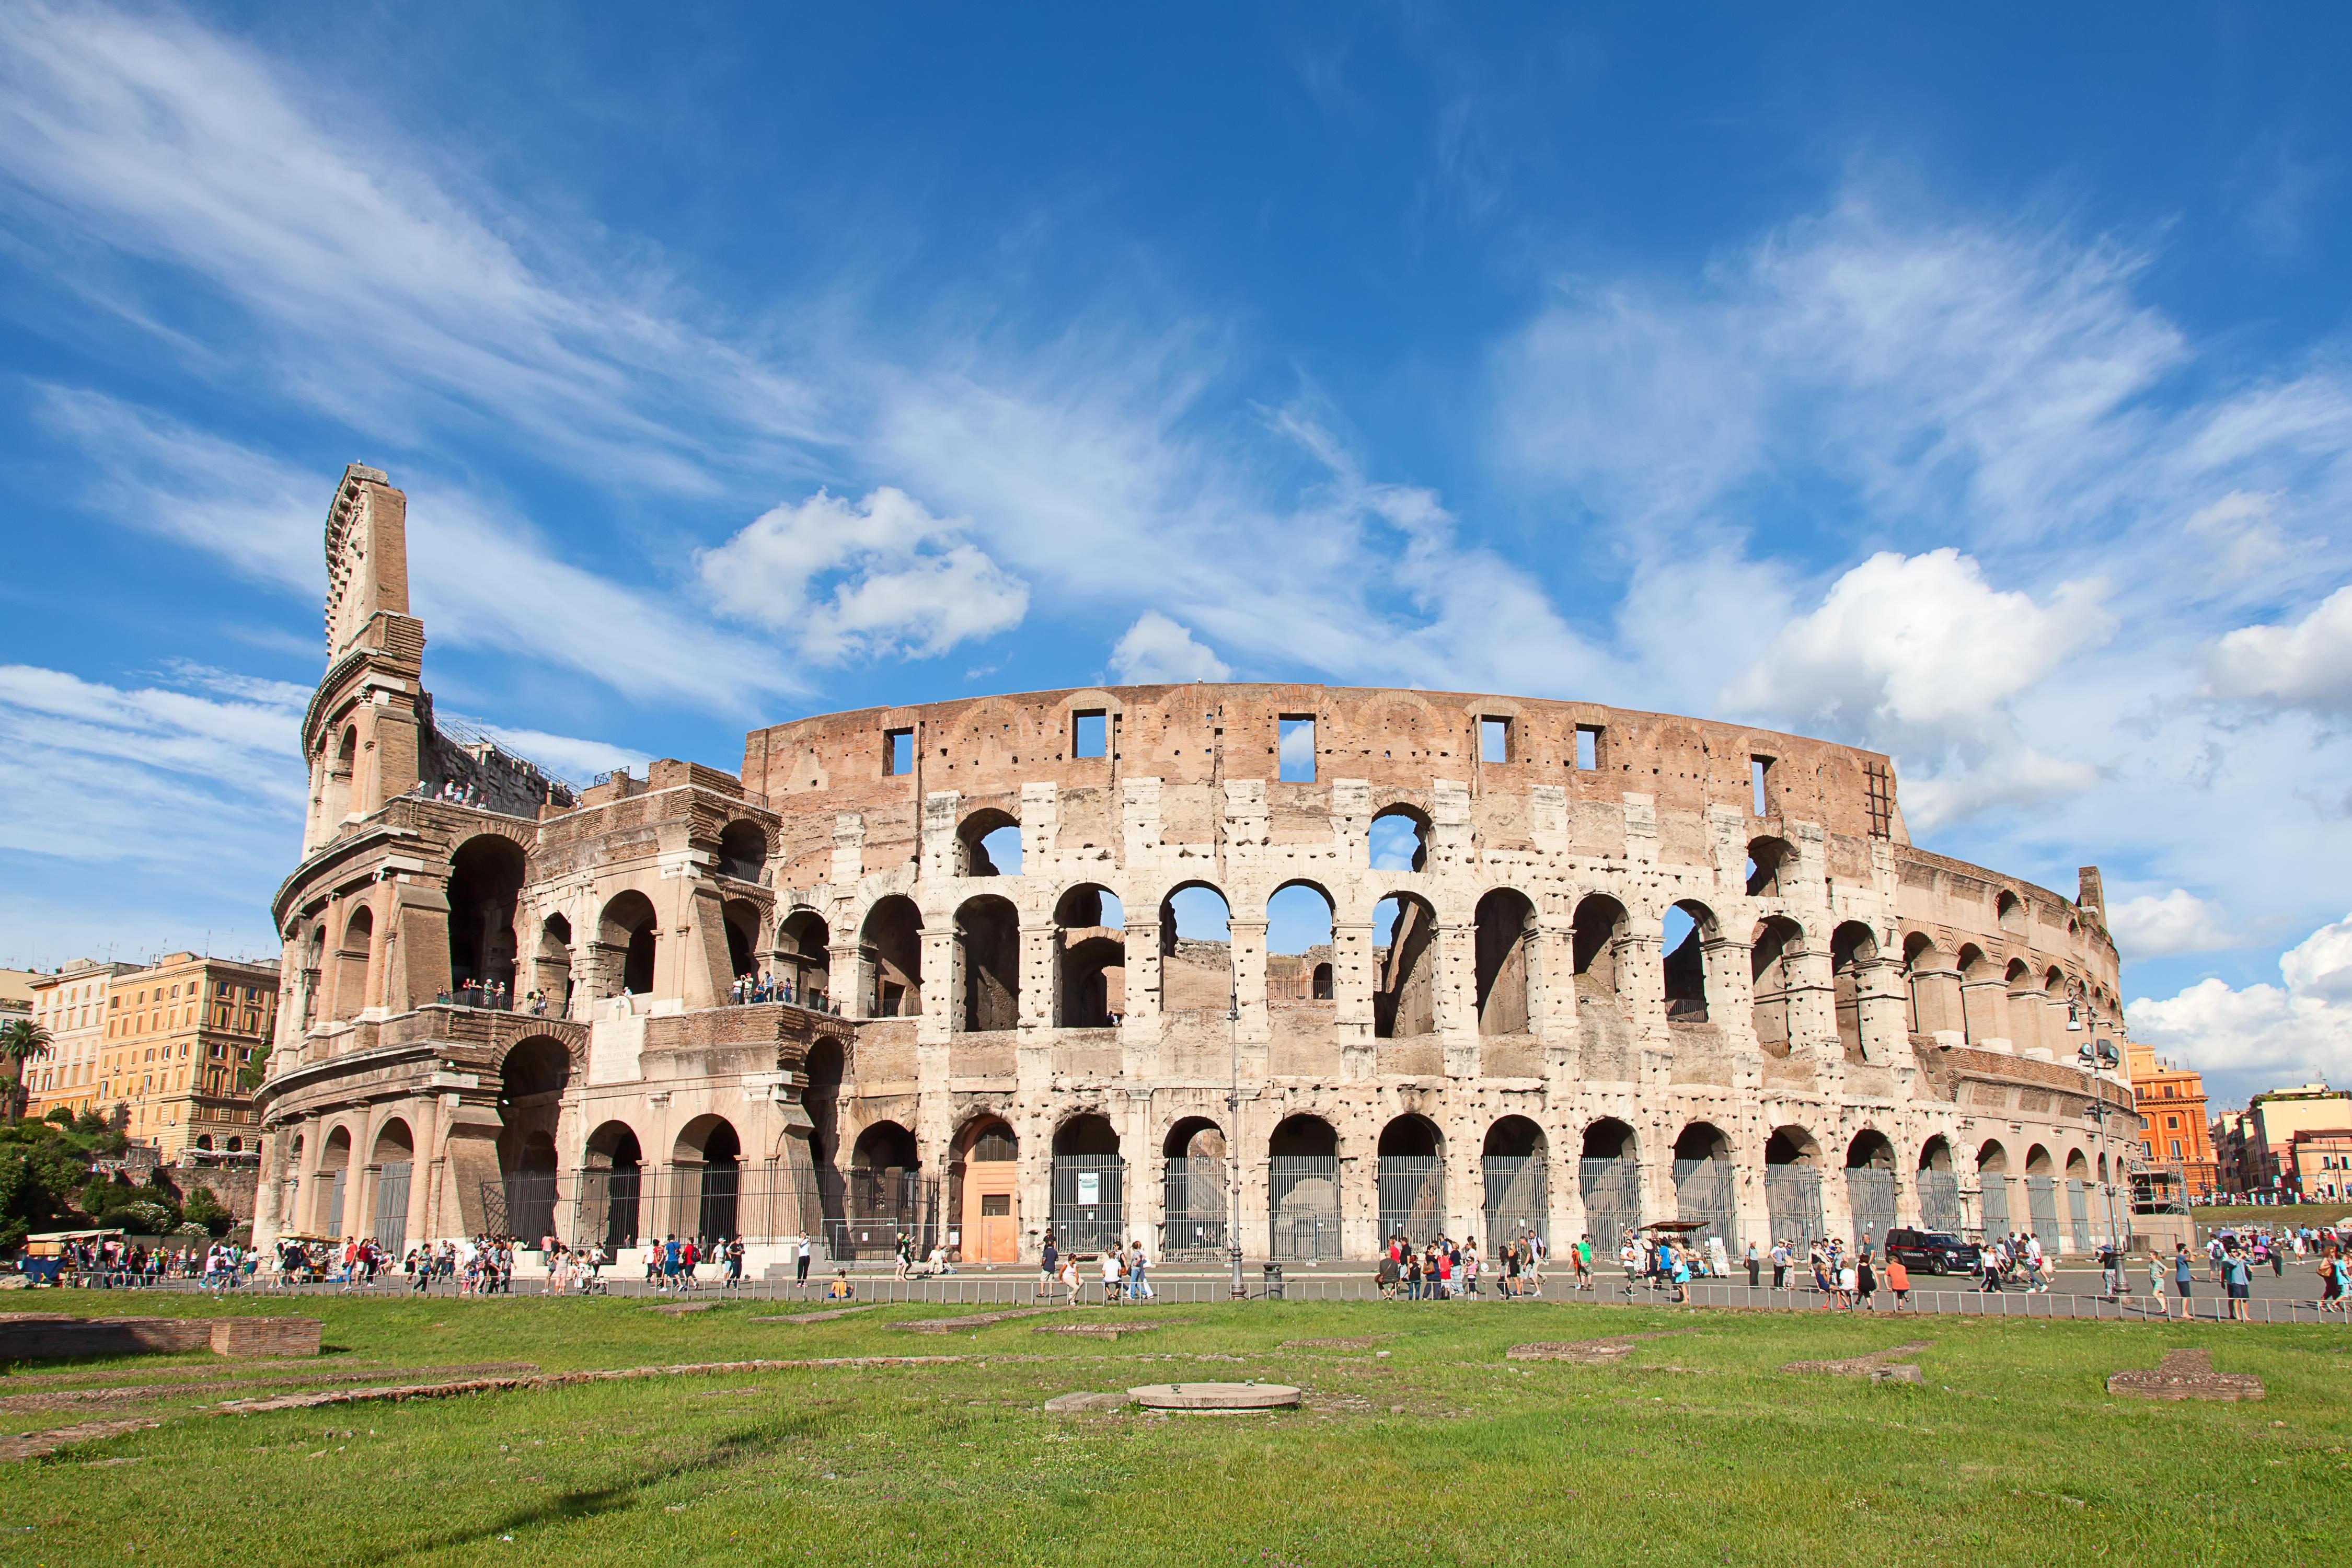 rome-colloseum-italy